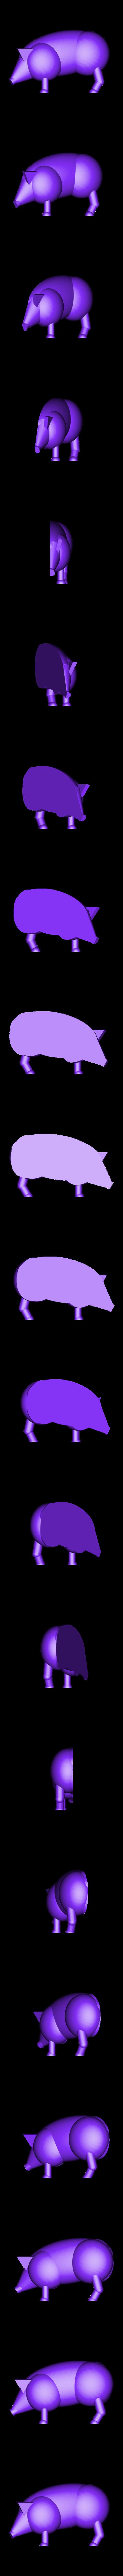 pigleftside1.stl Télécharger fichier STL gratuit Dark Age Townsfolk, Villagefolk et Bêtes domestiques • Plan pour imprimante 3D, Earsling